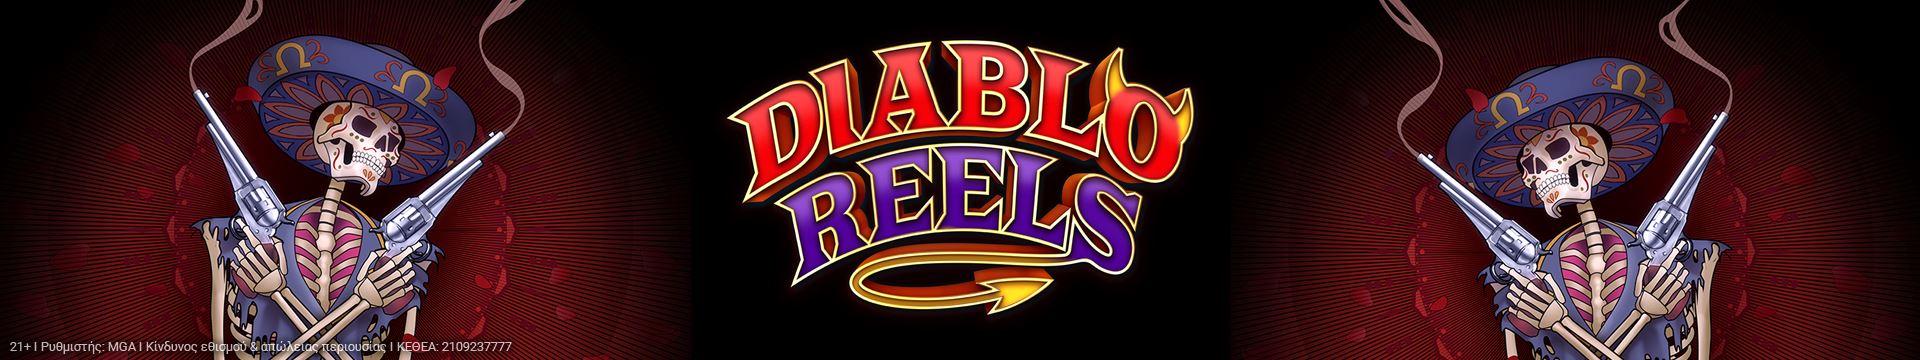 Diablo_Reels